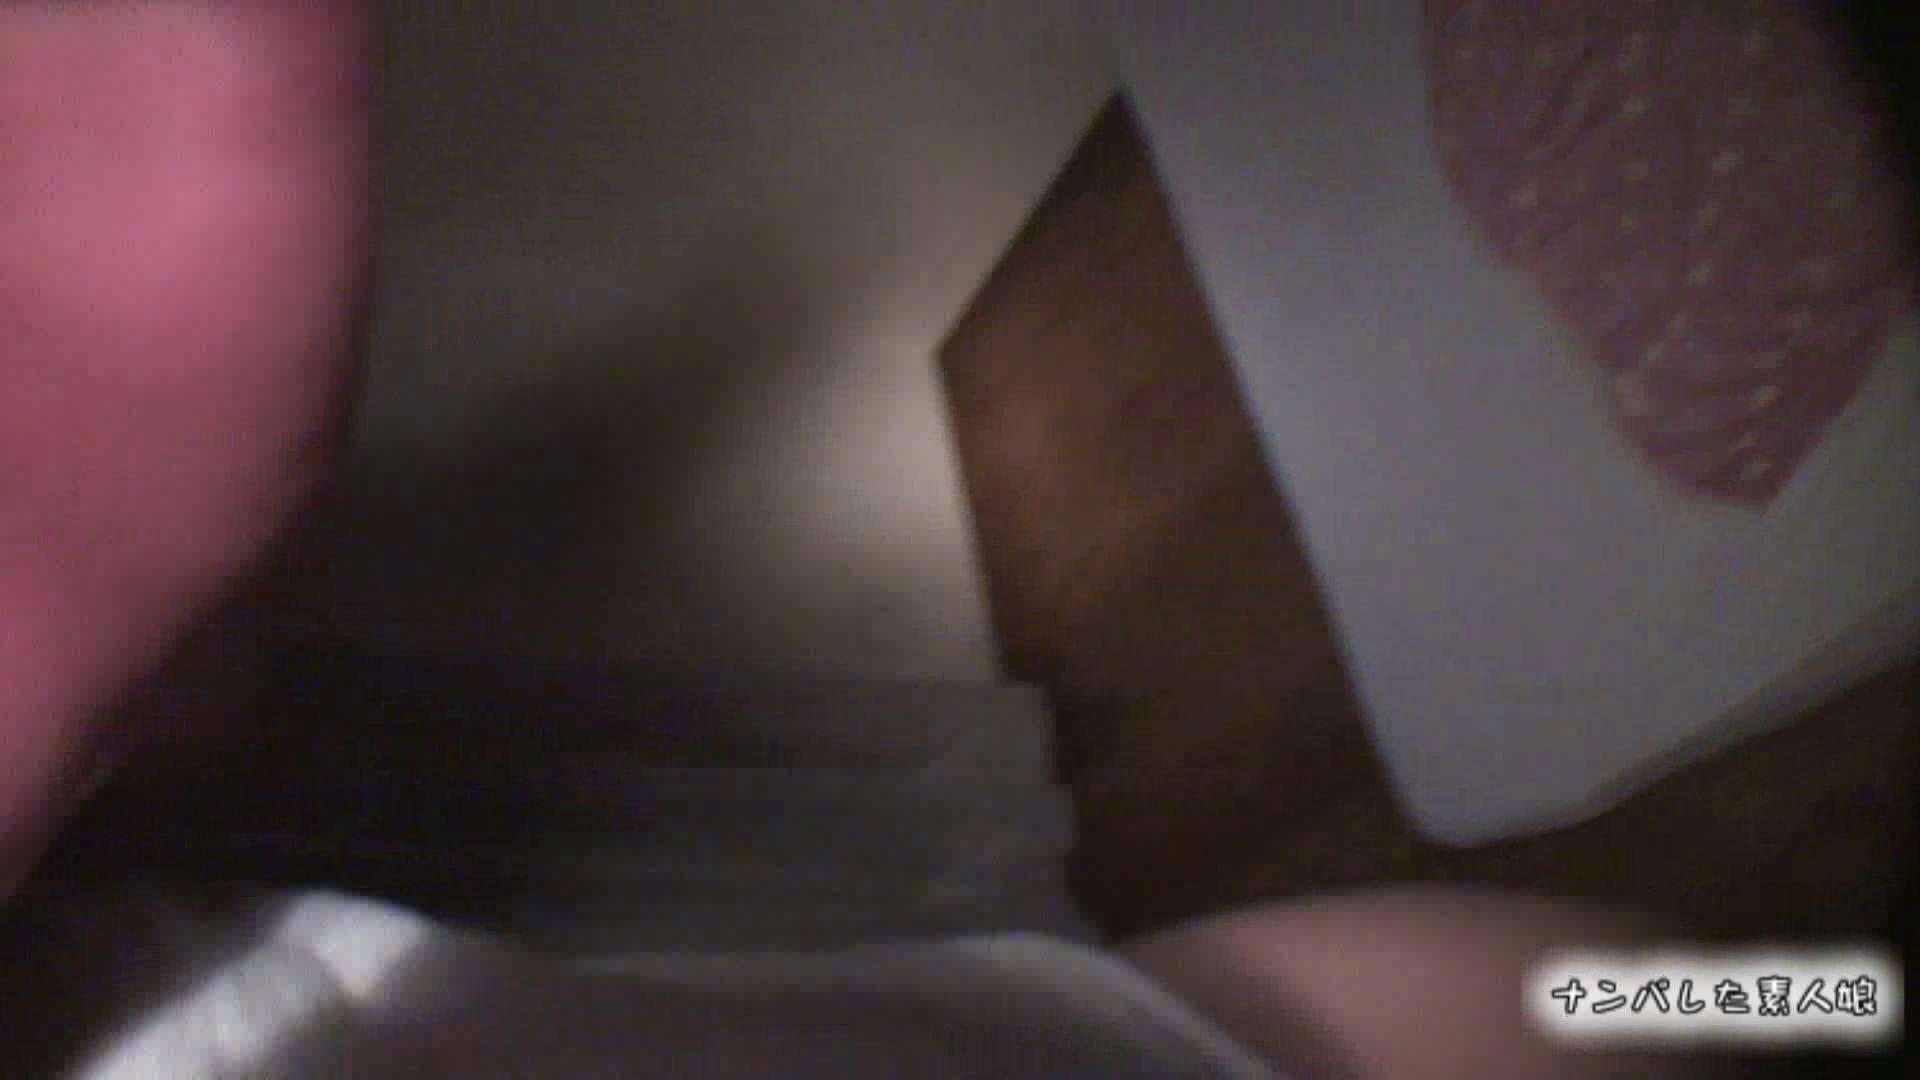 魅惑の化粧室~禁断のプライベート空間~vol.5 ナプキン | プライベート  84pic 61